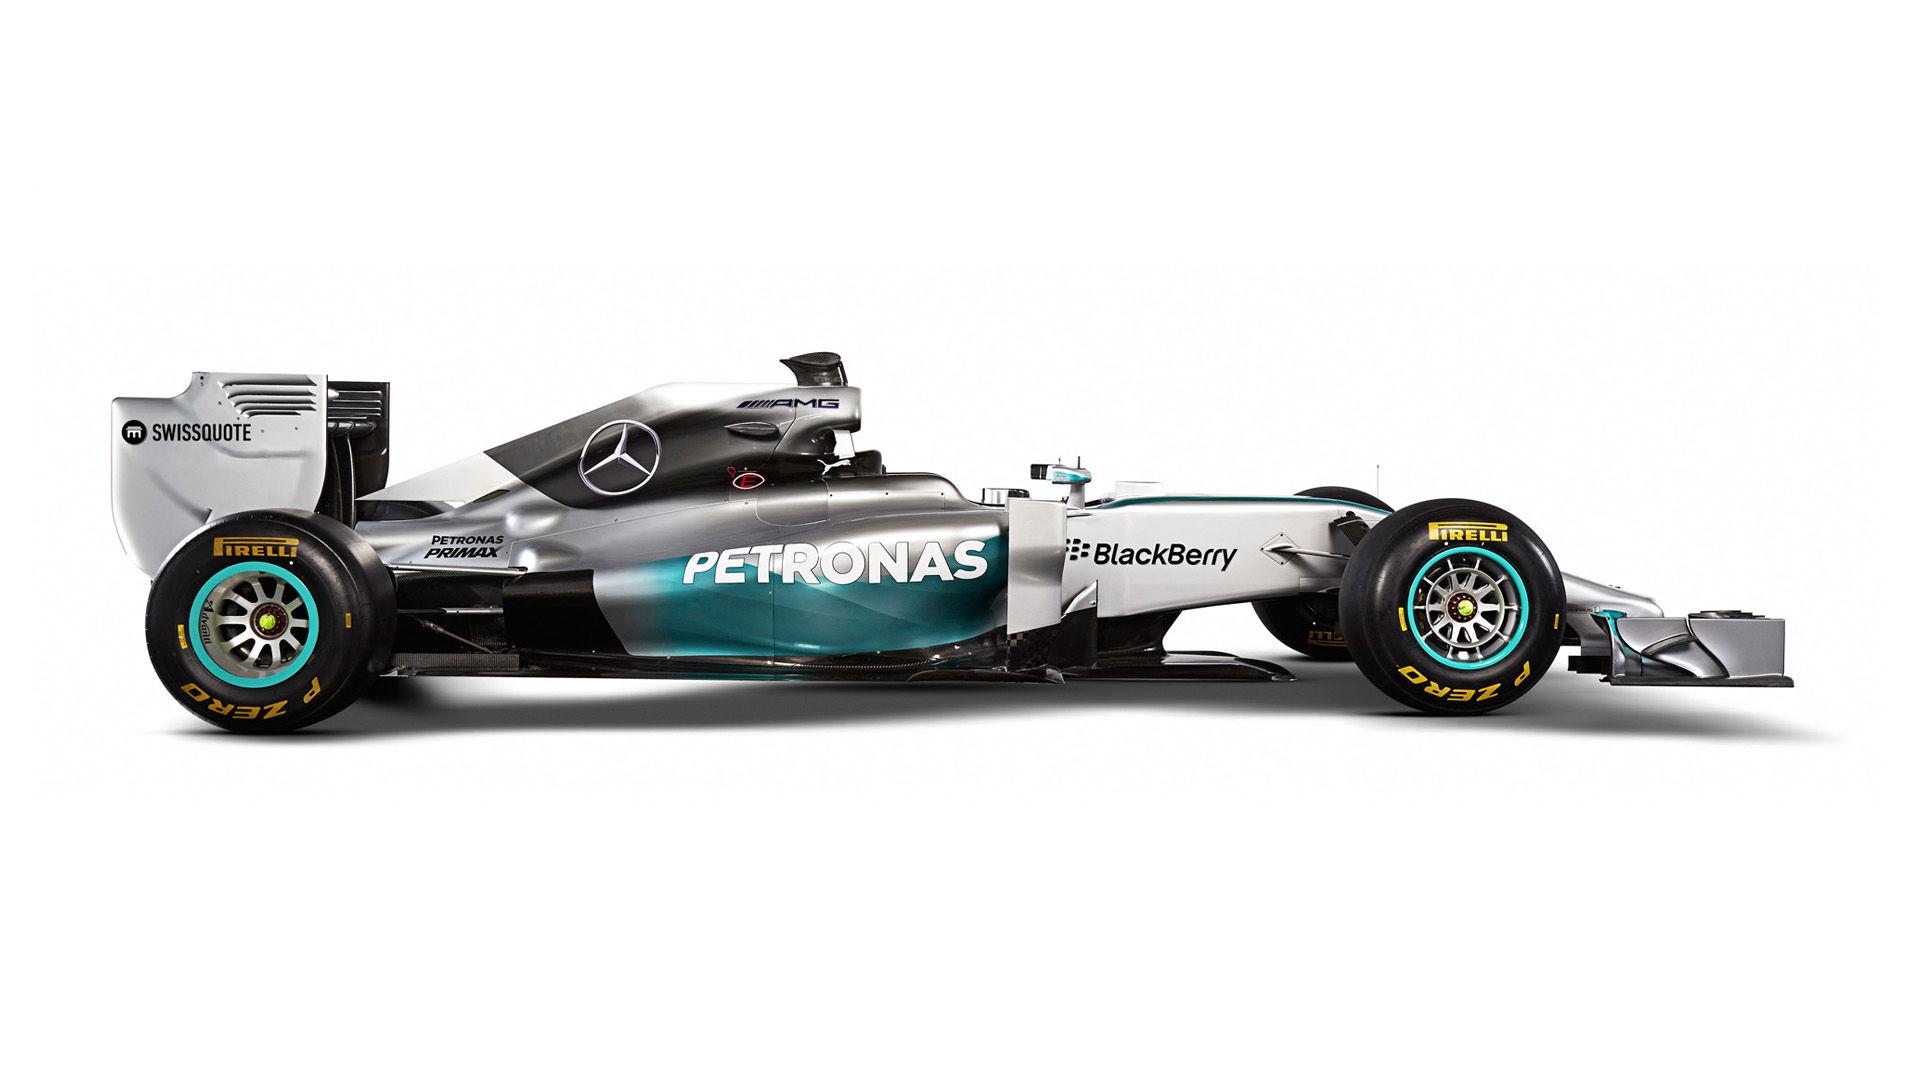 2014 Mercedes AMG W05